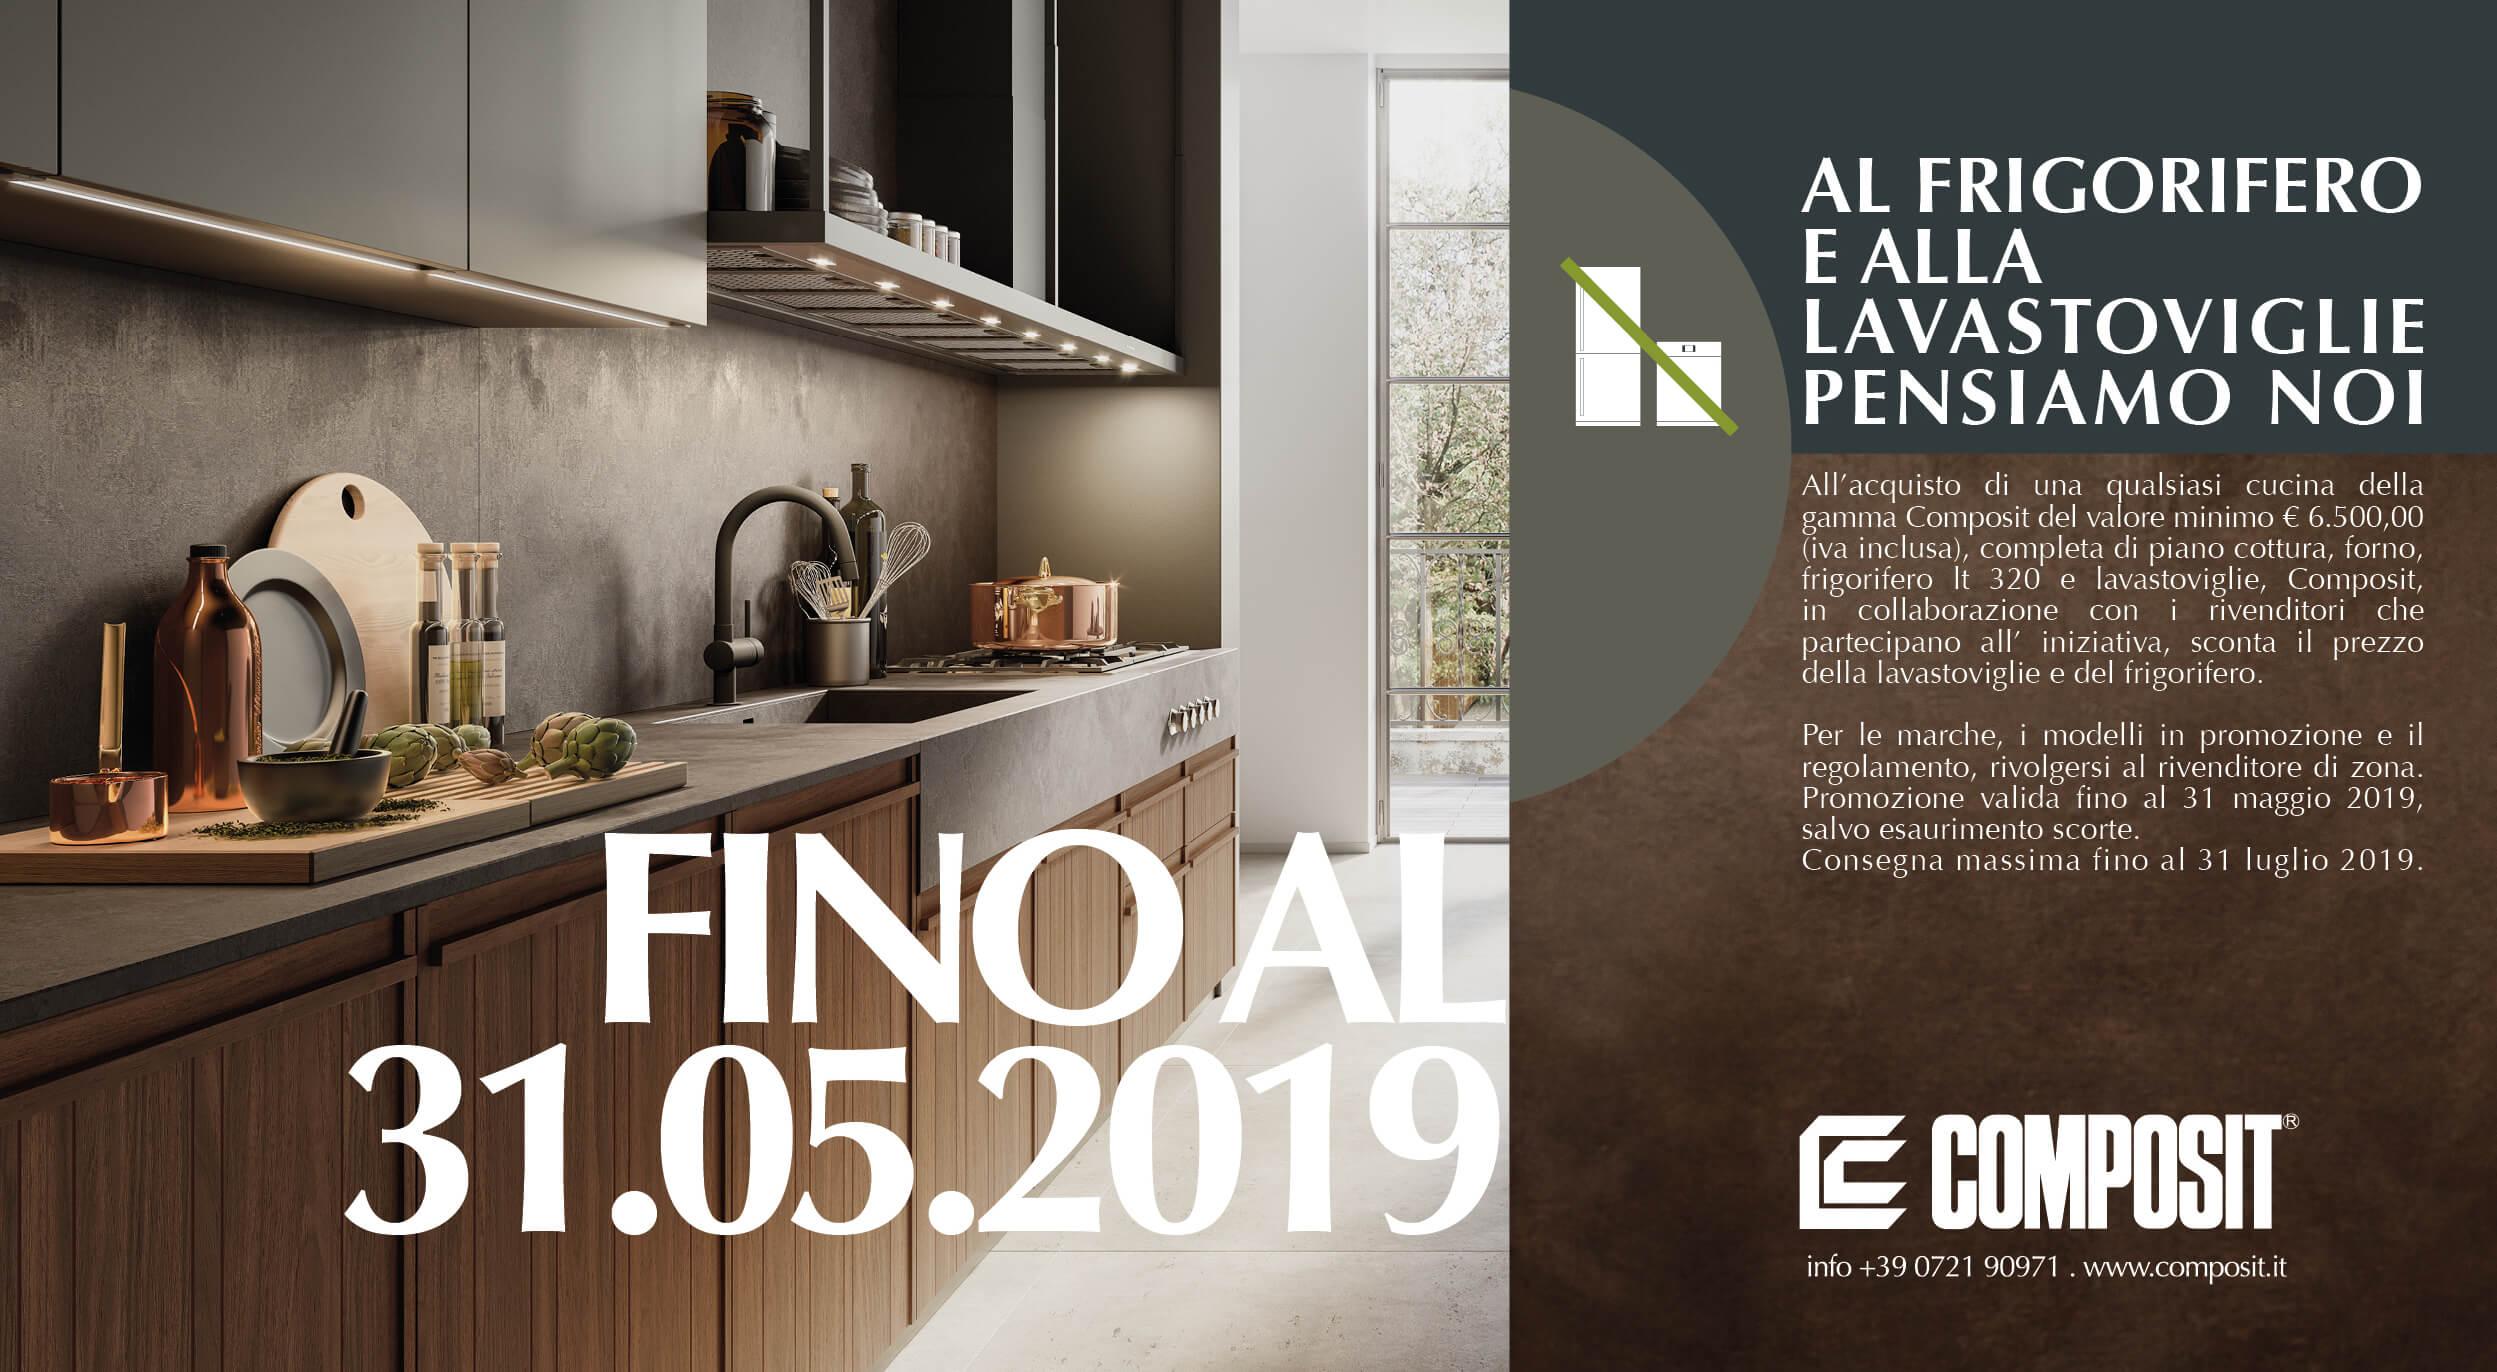 Promozione Elettrodomestici 2019 - Composit